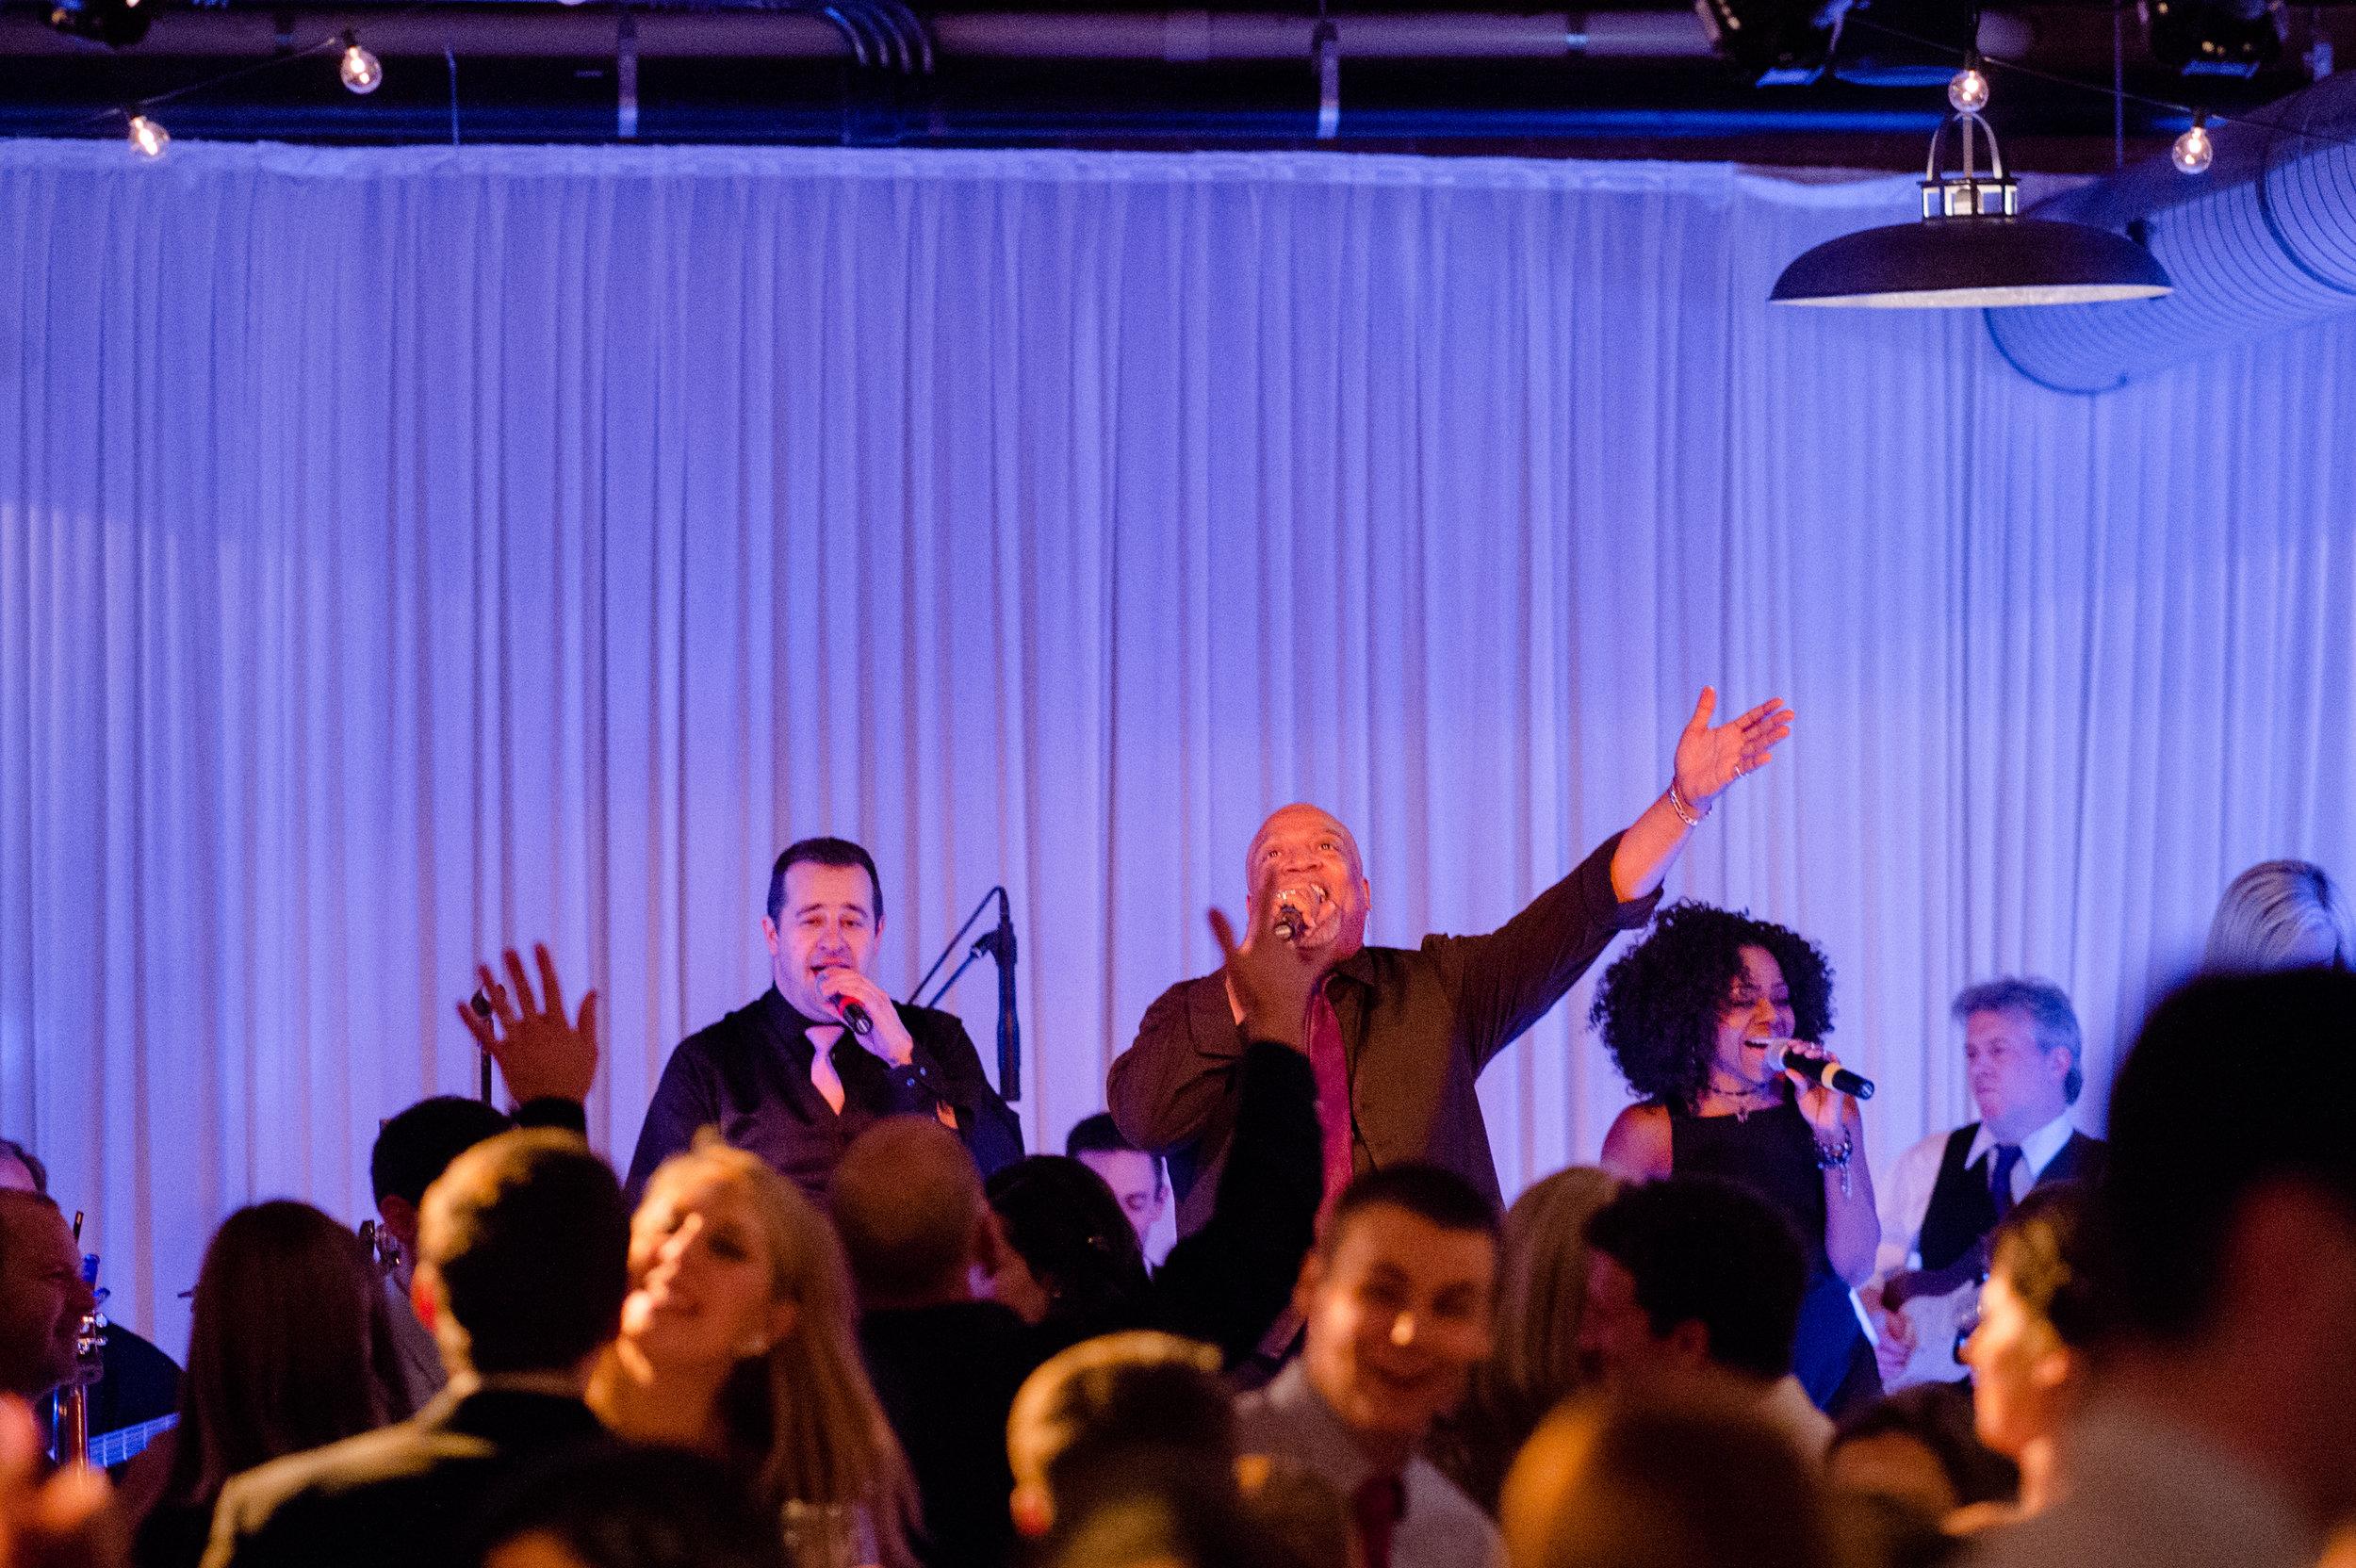 party faithful chicago wedding band